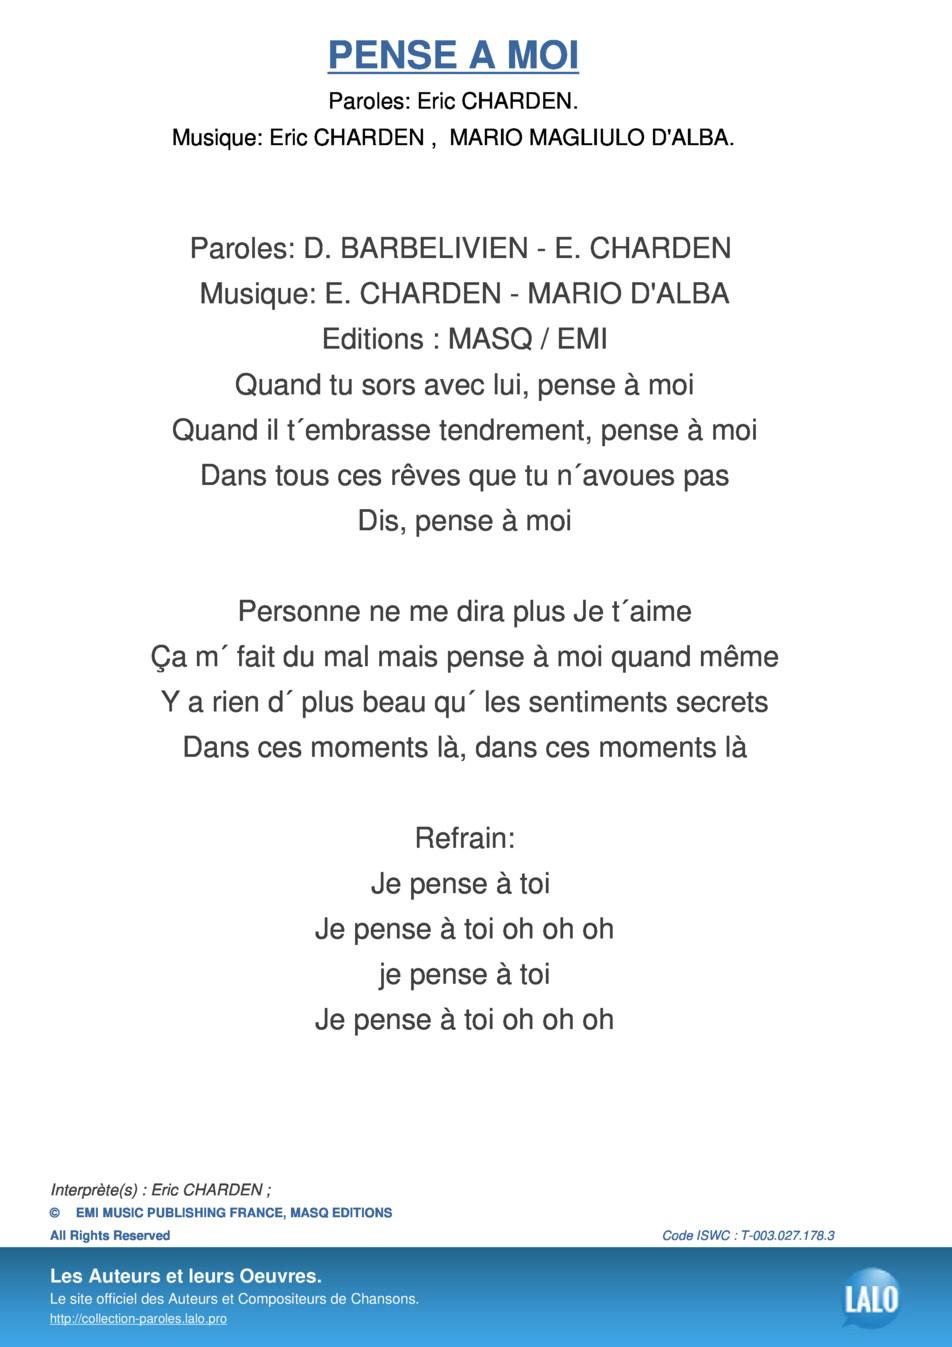 Paroles Et Musique De Pense A Moi Eric Charden - Lalo.pro avec Chanson Pense À Moi